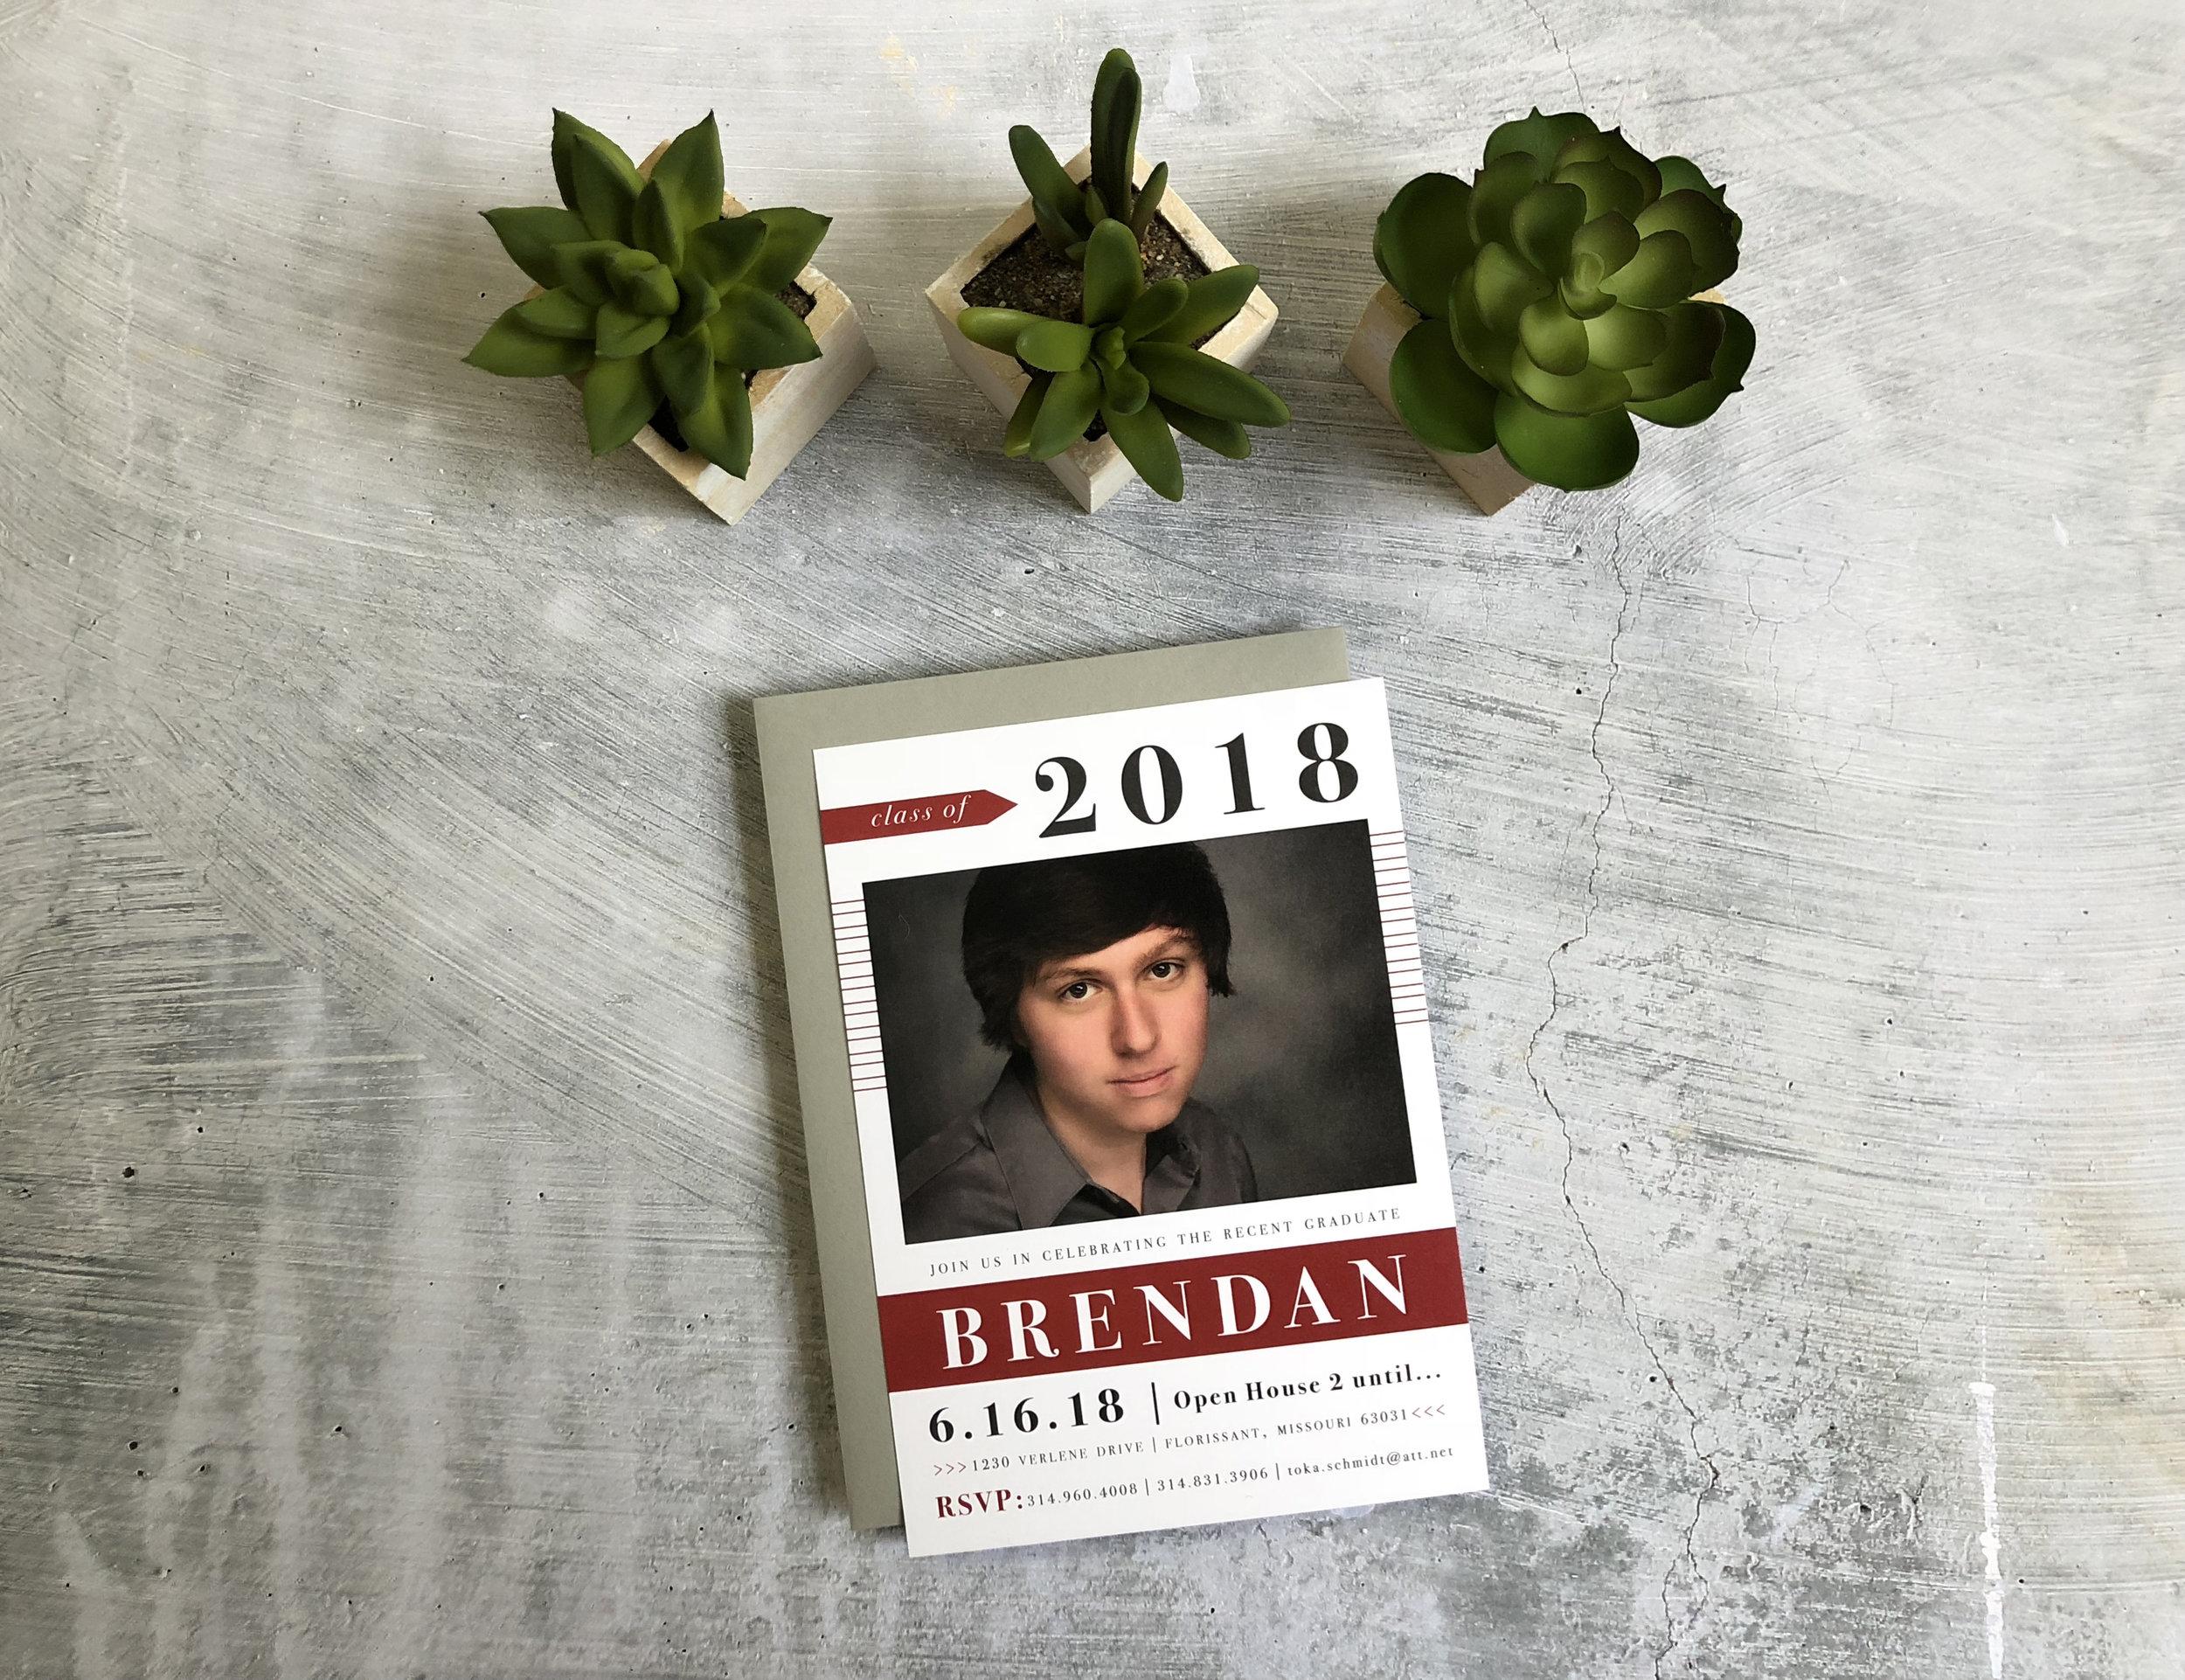 Brendan-GradAnnouncement.jpg